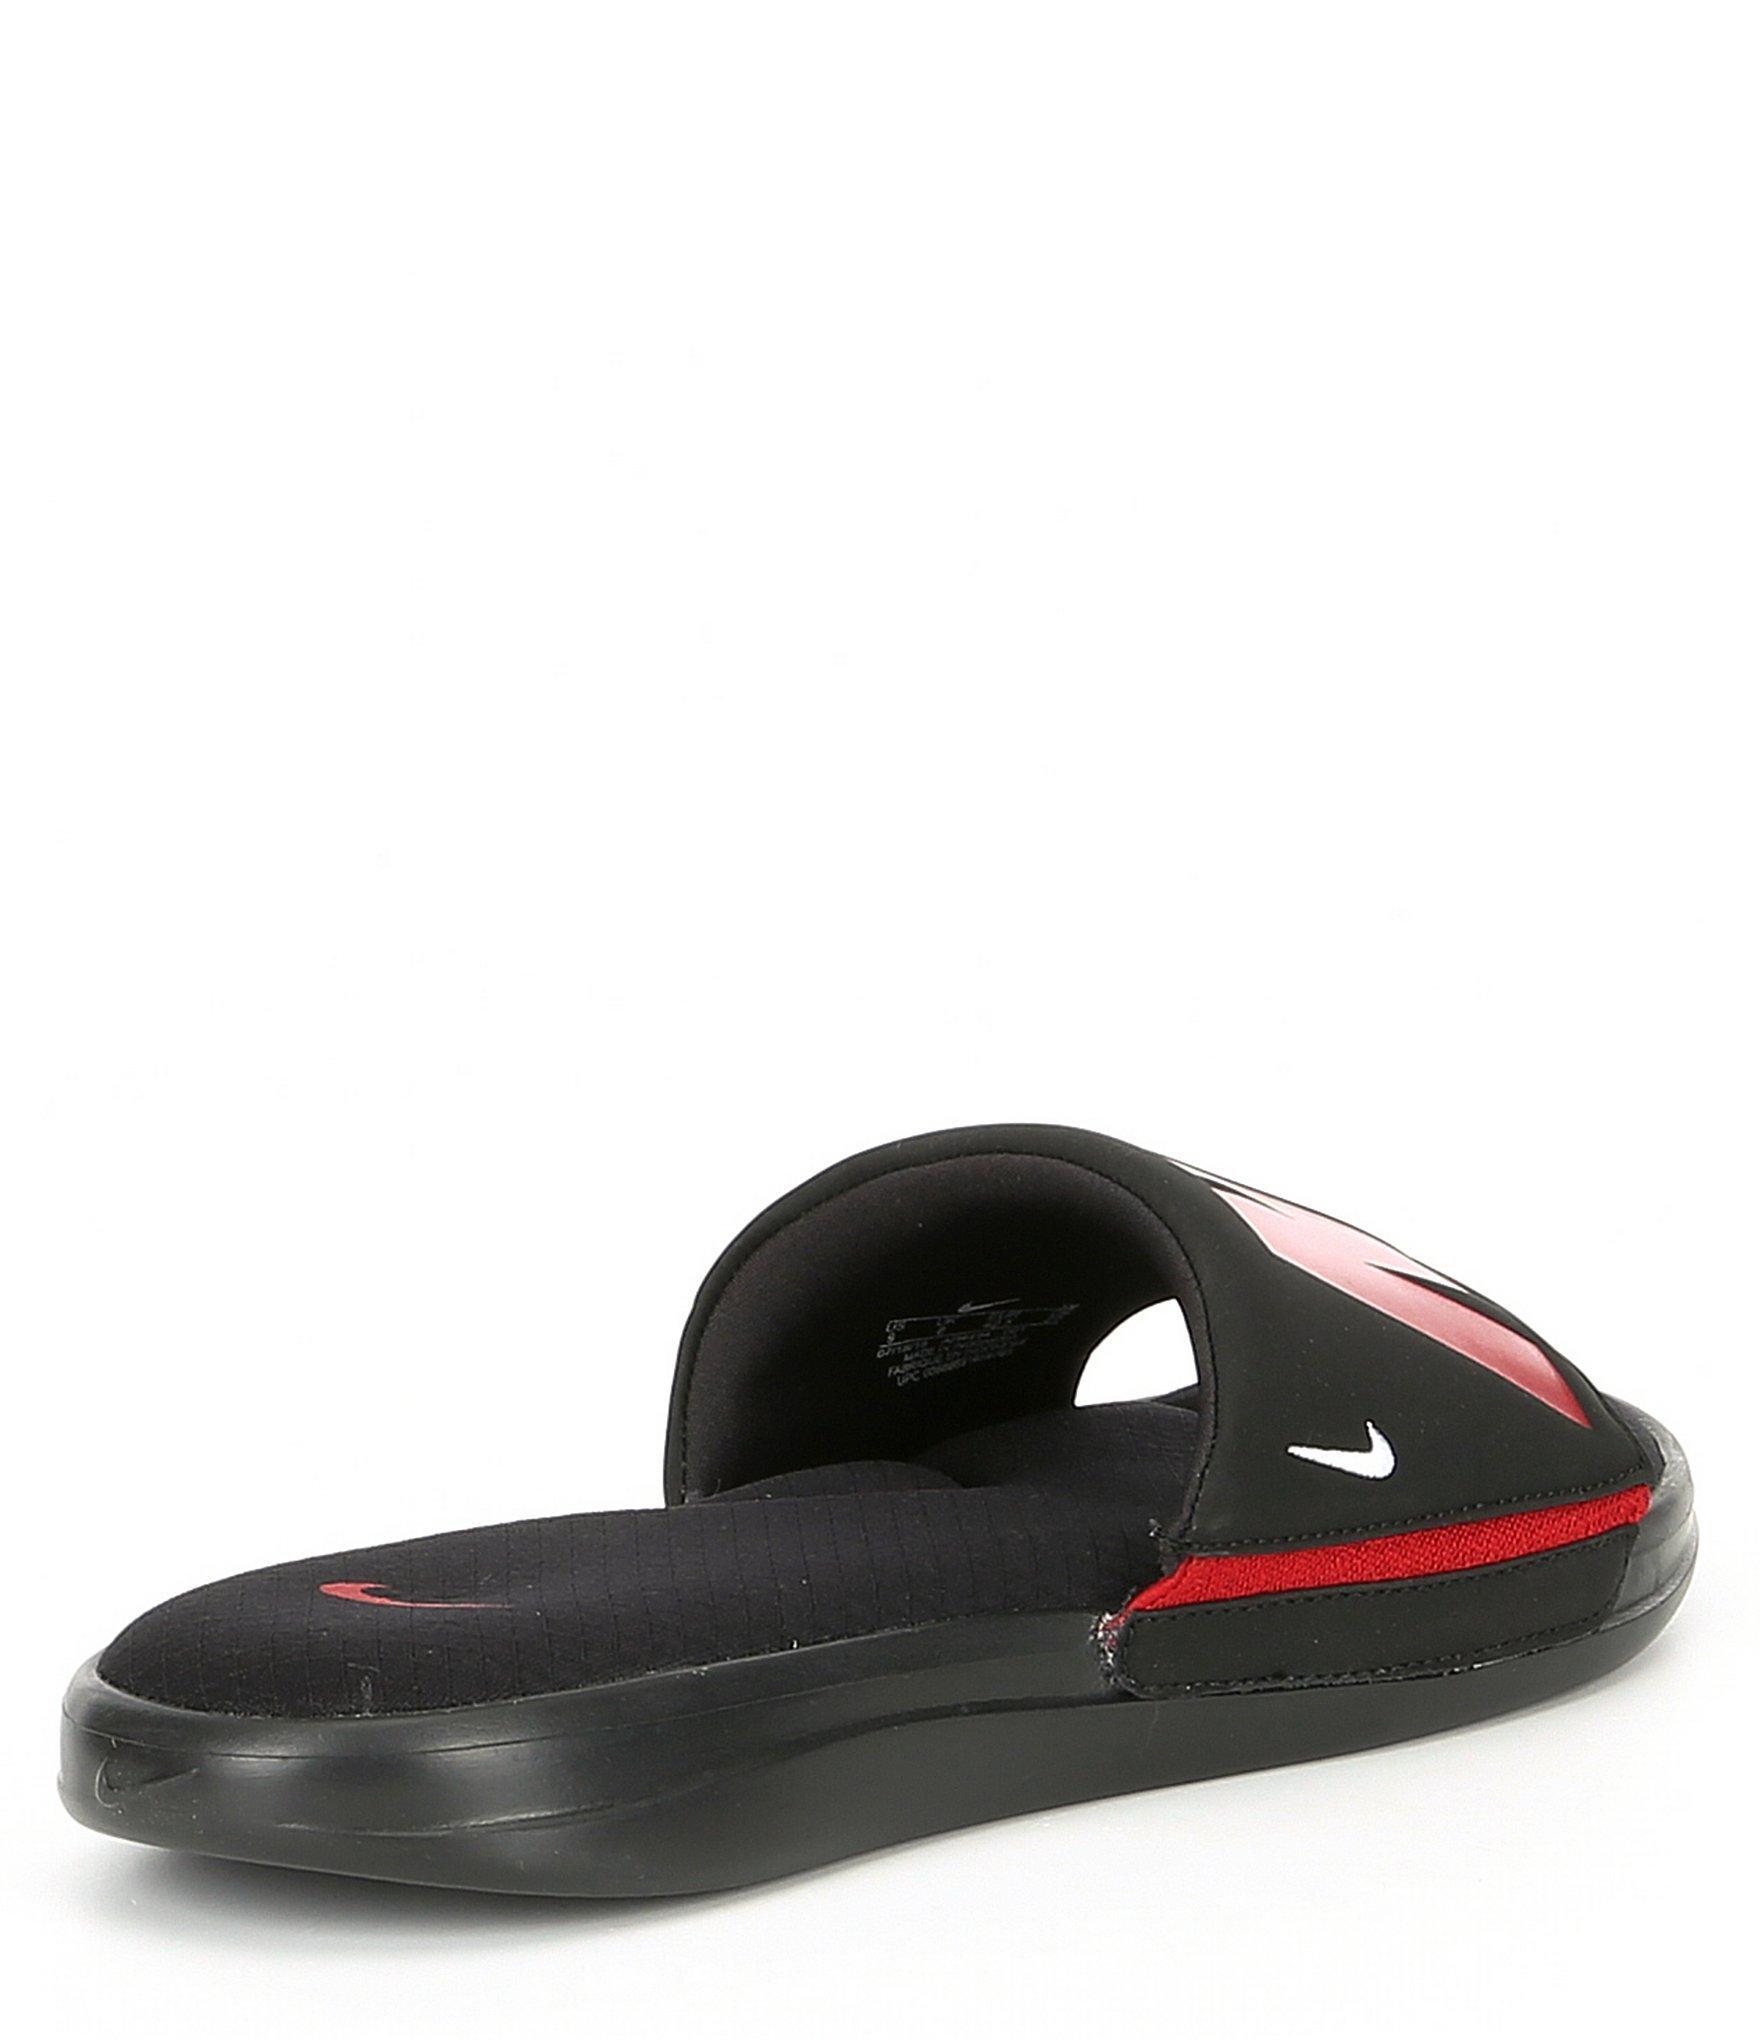 eb33b4d4583789 Nike - Black Men s Ultra Comfort 3 Slide for Men - Lyst. View fullscreen